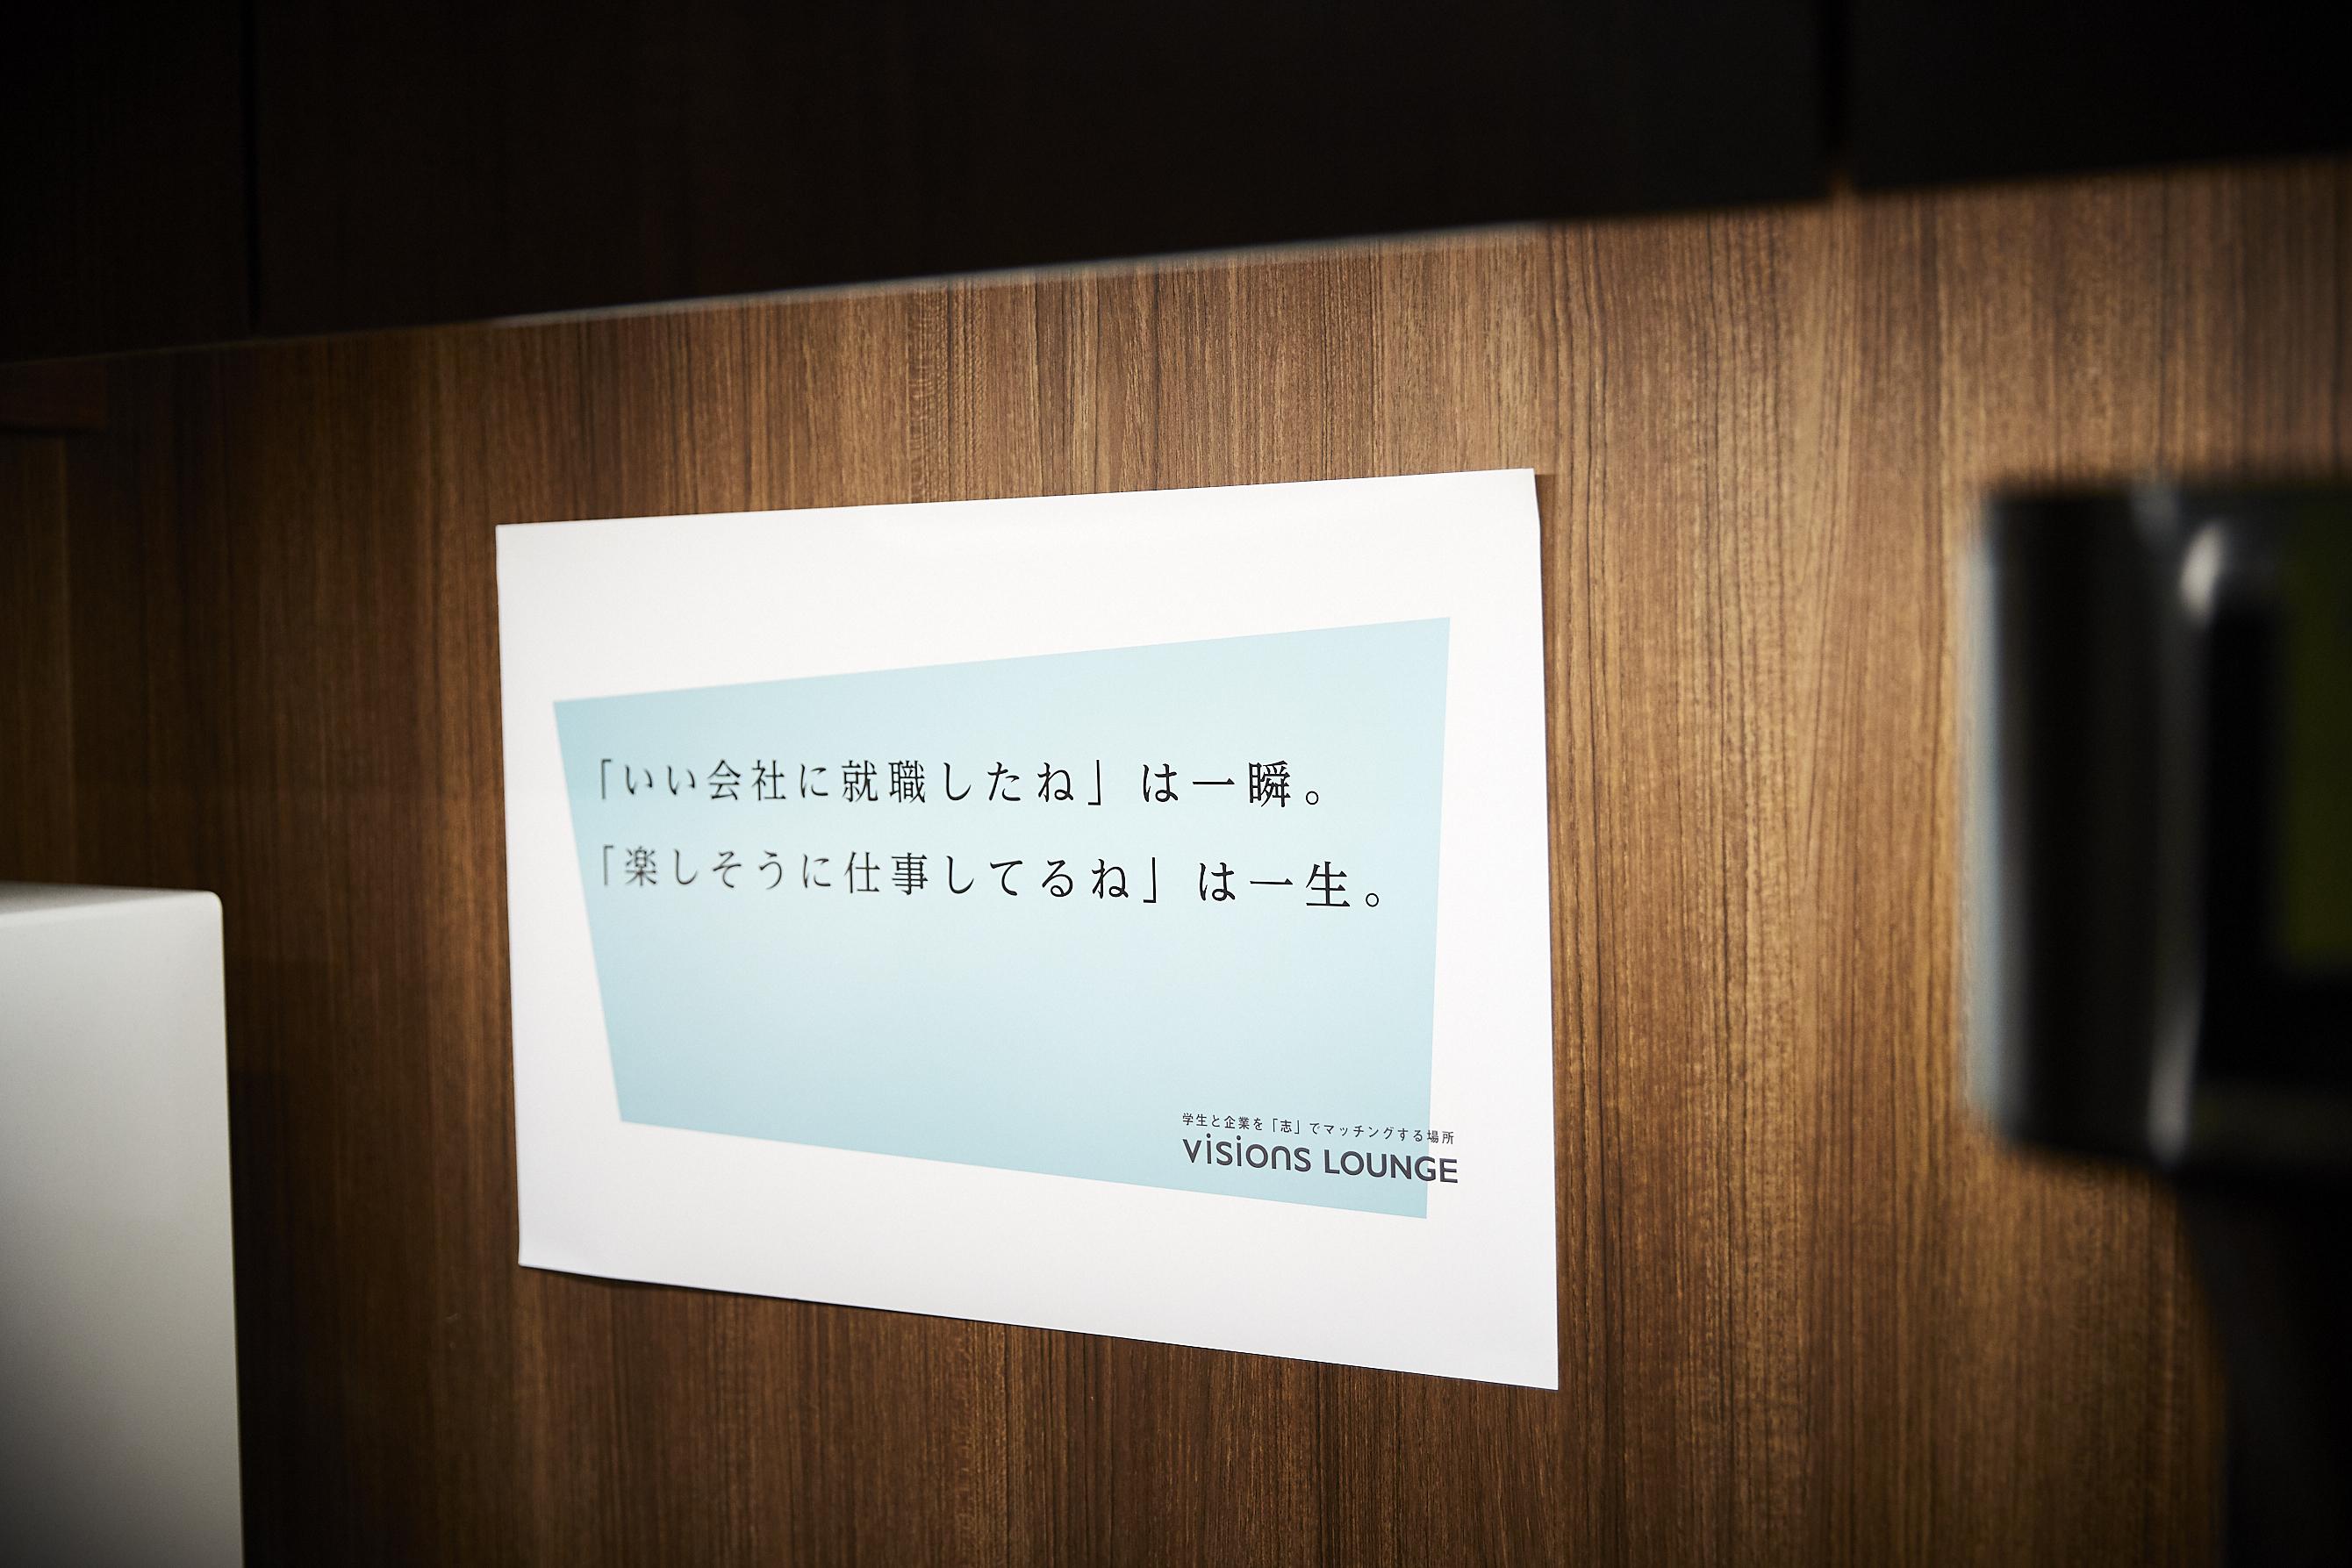 ▲入り口すぐ、小会議室あたりに掲示している張り紙たち。